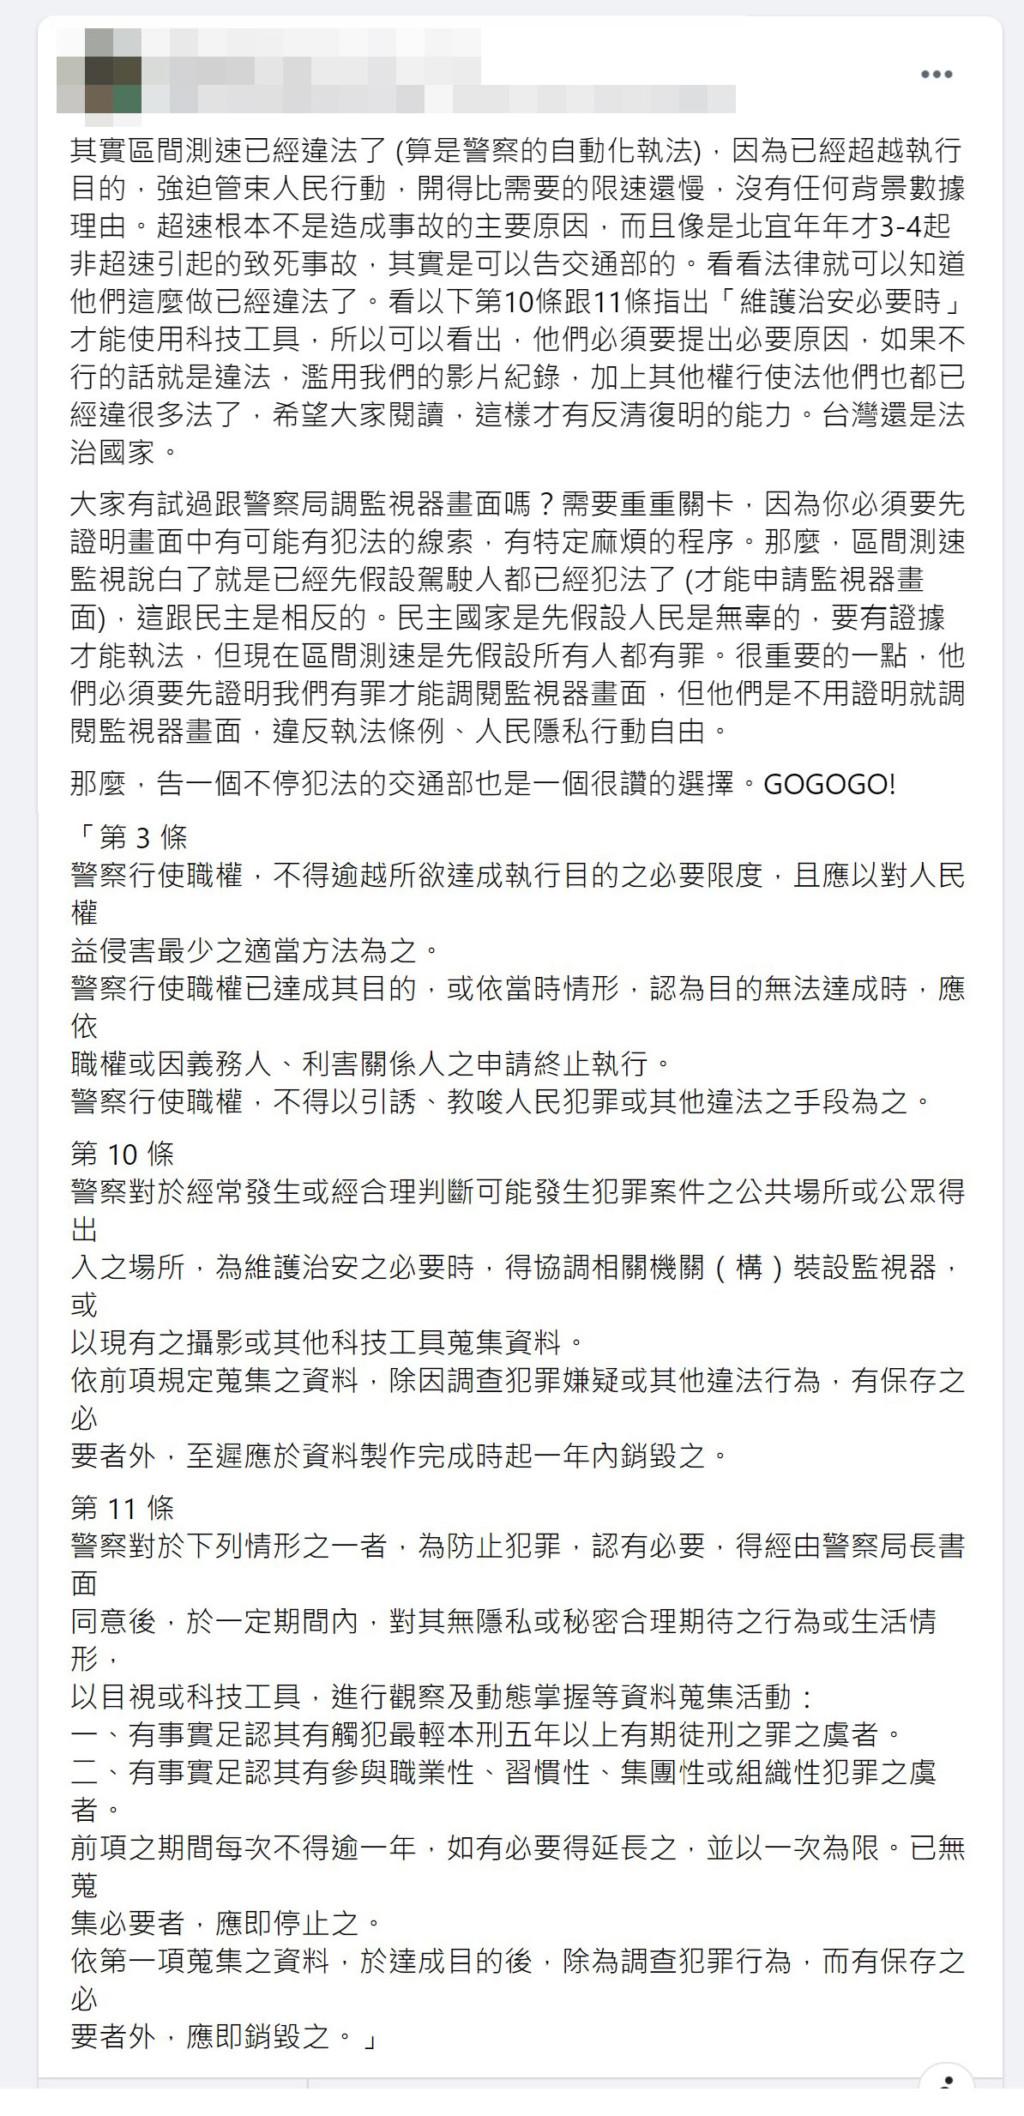 區間測速被爆使用「中國製造」 網貼證據痛批:大規模監控人民